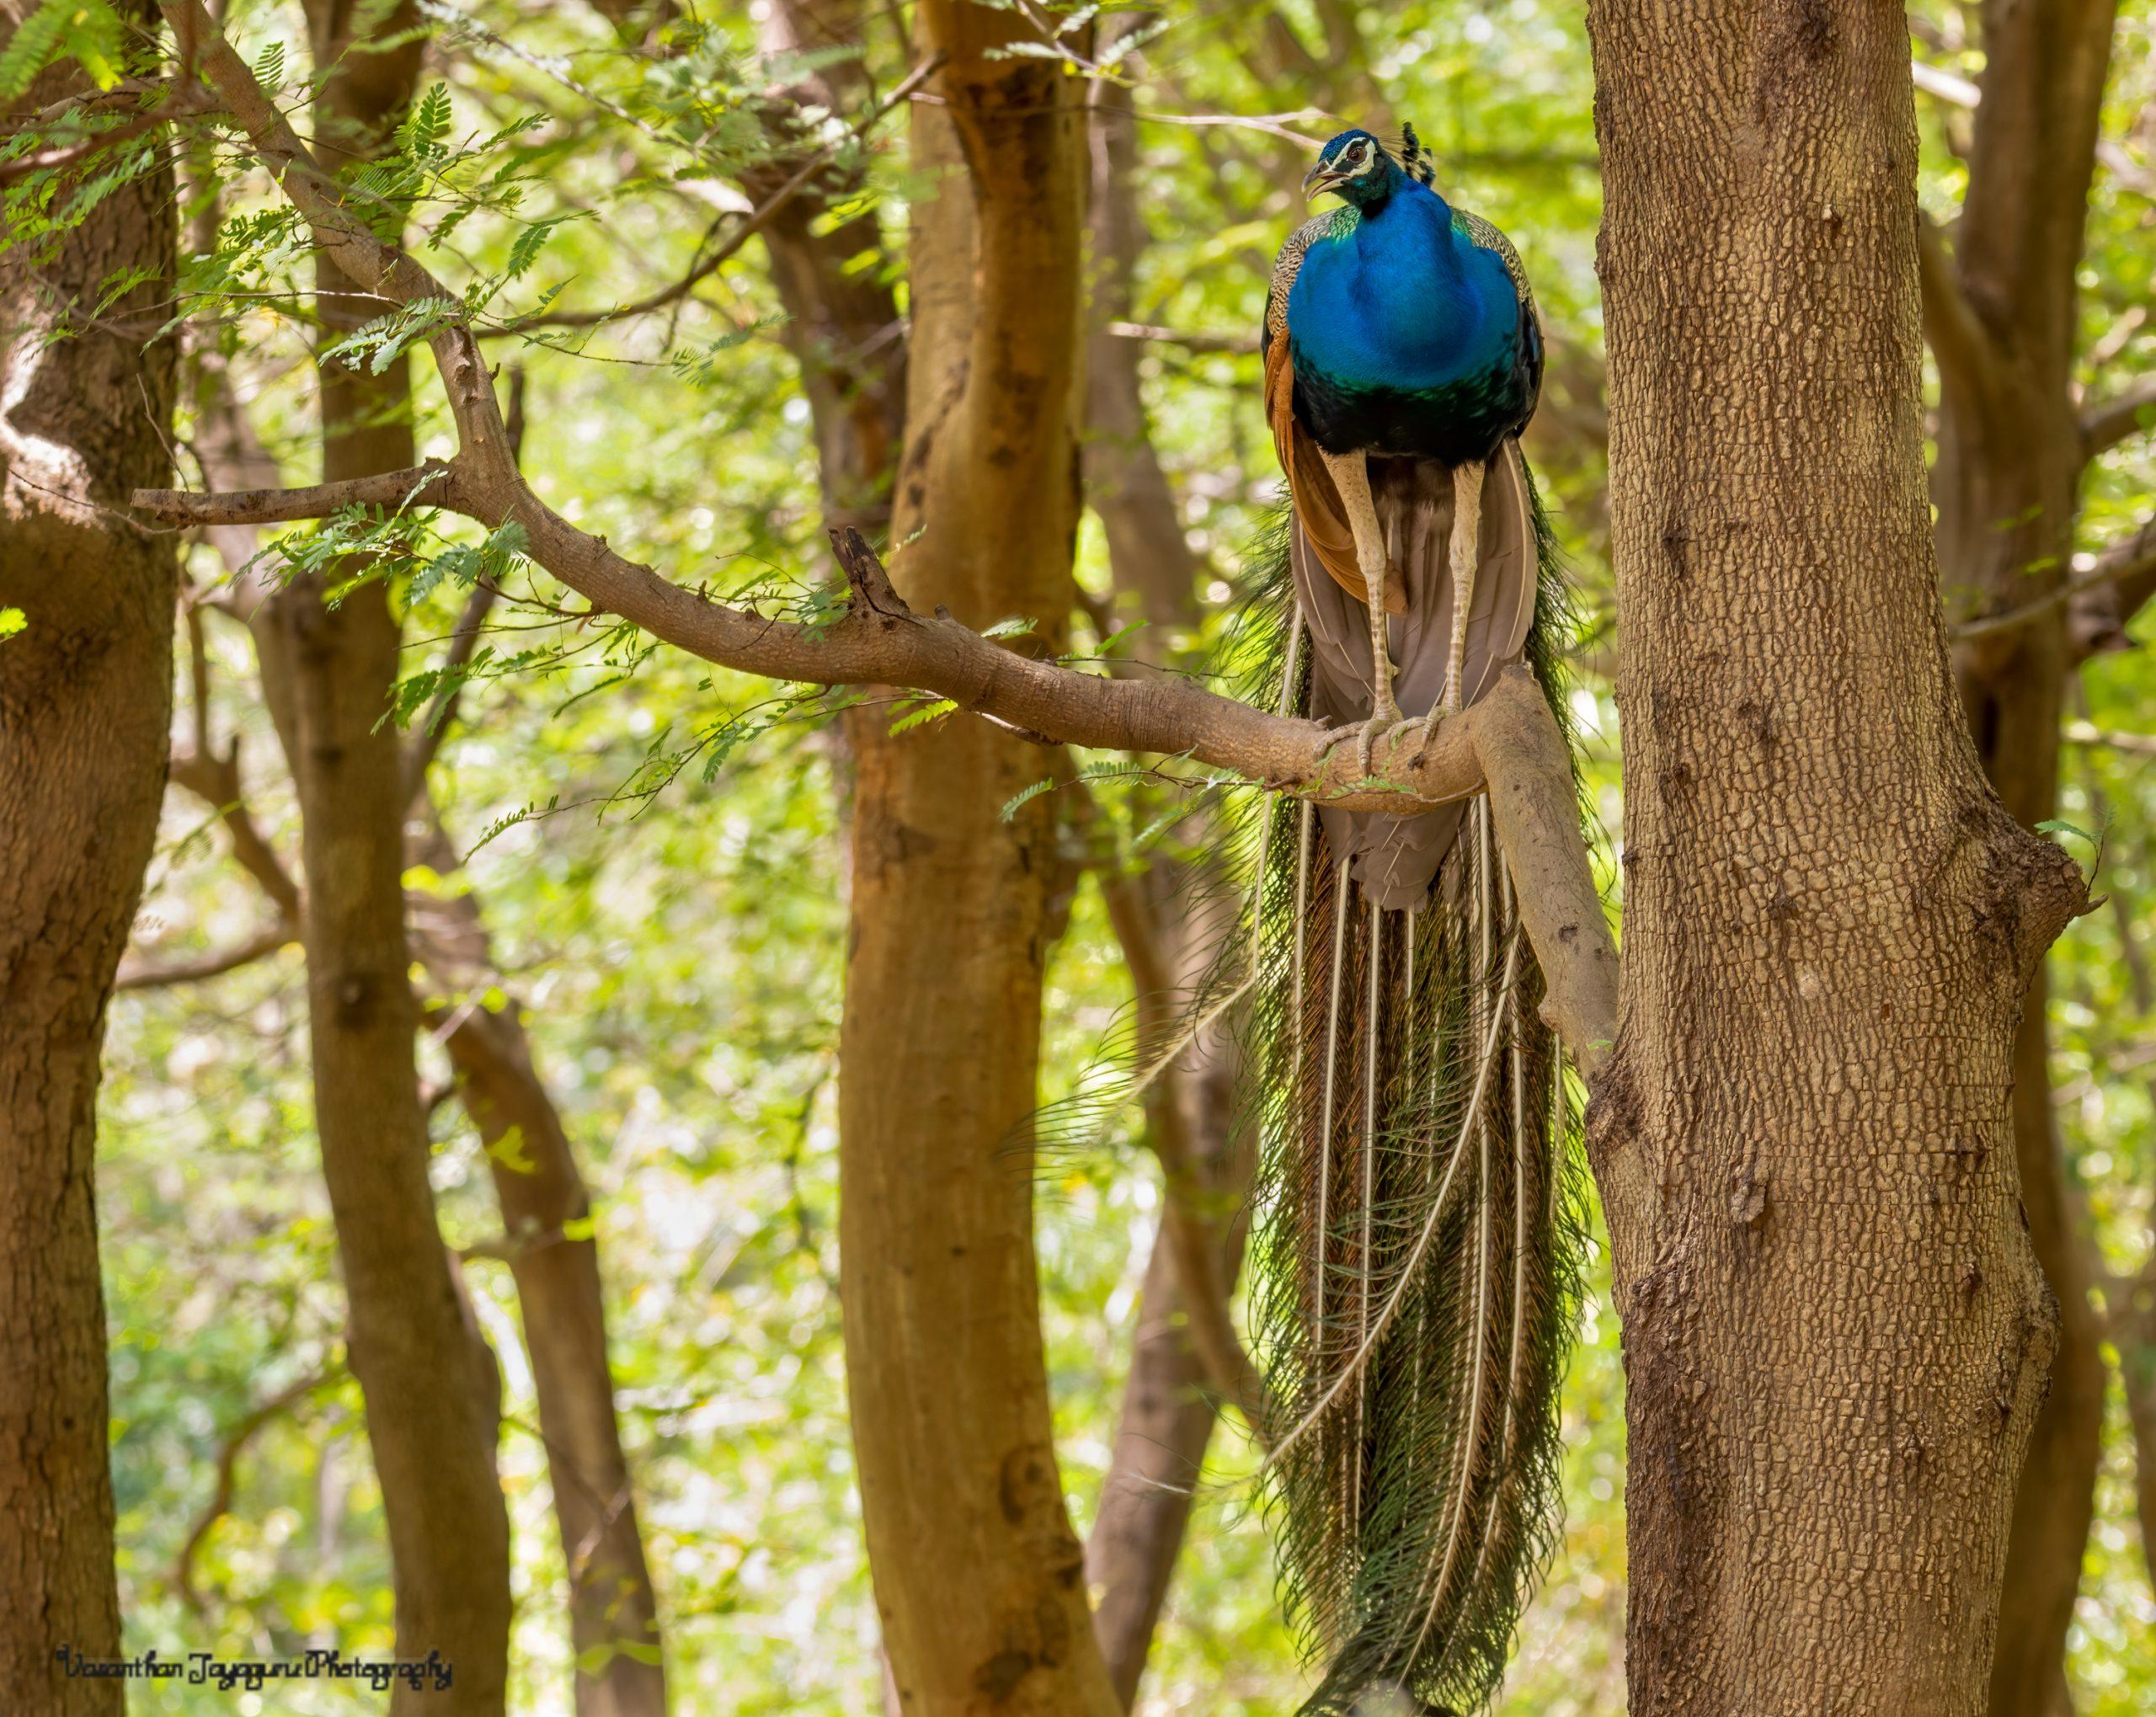 Peacock sitting on tree